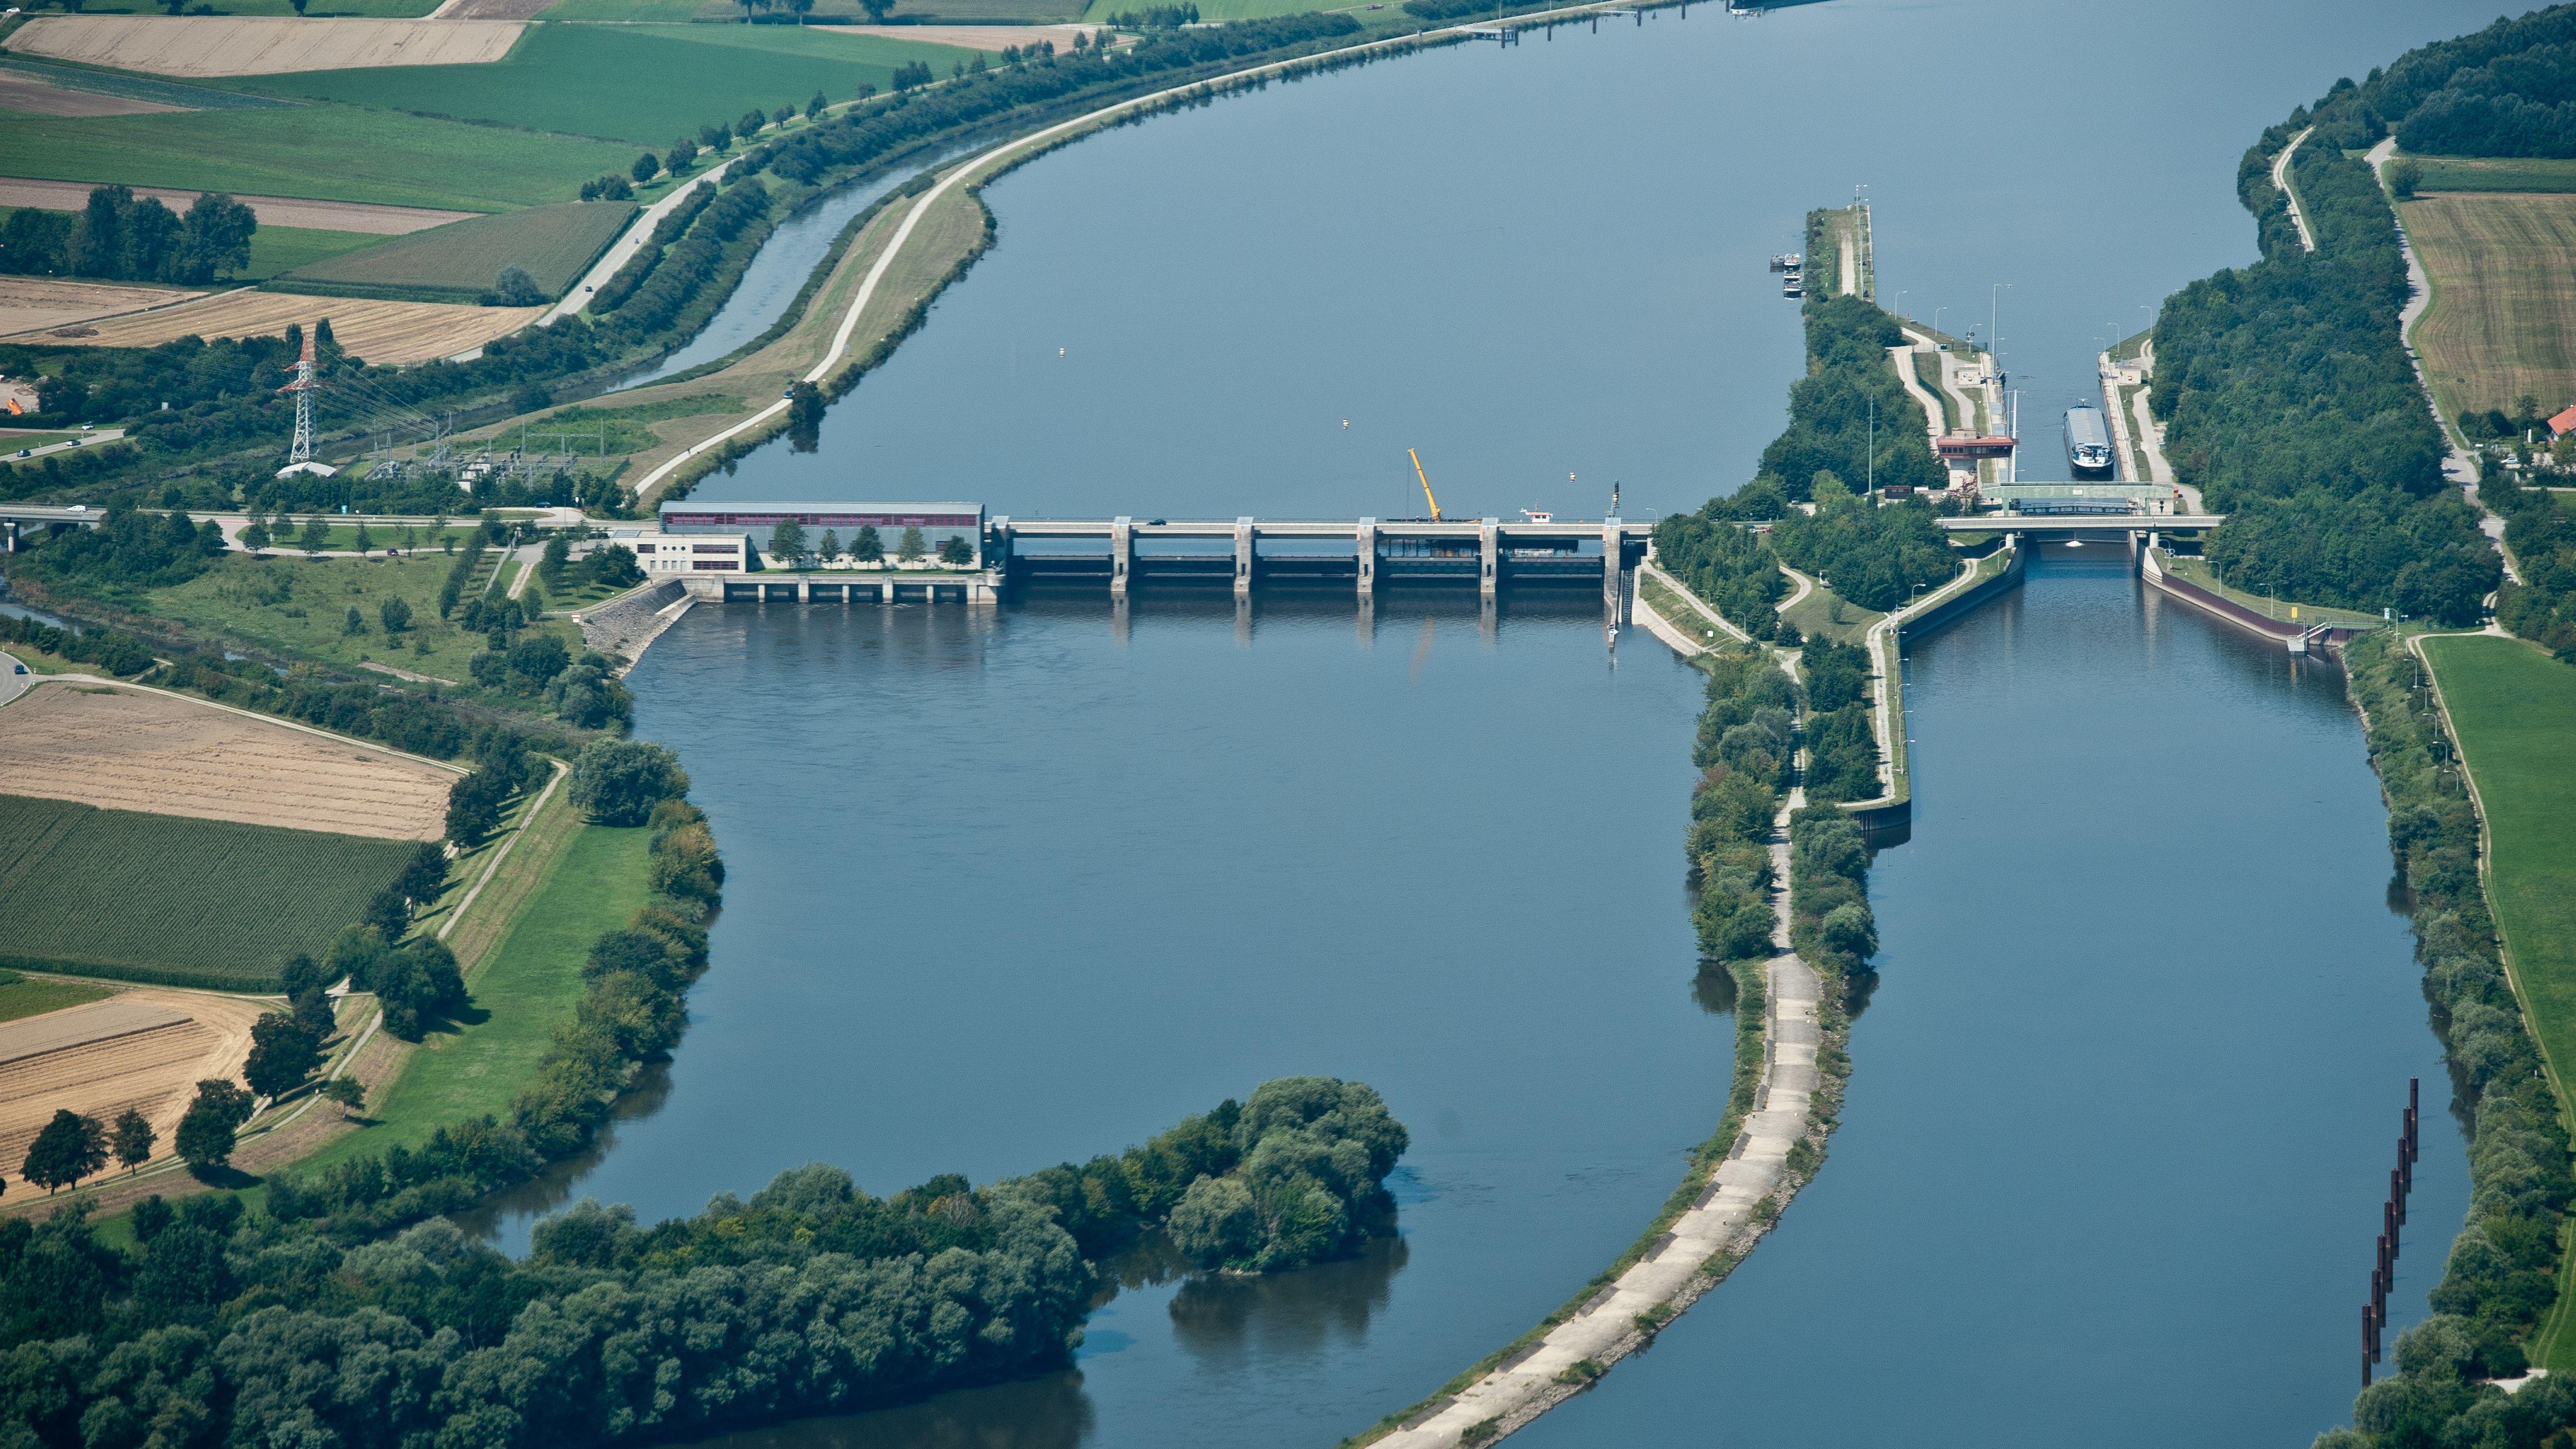 Die Donau-Schleuse bei Straubing. Von dort bis zum hafen Straubing-Sand ist der Schiffverkehr voraussichtlich bis Freitag gesperrt.